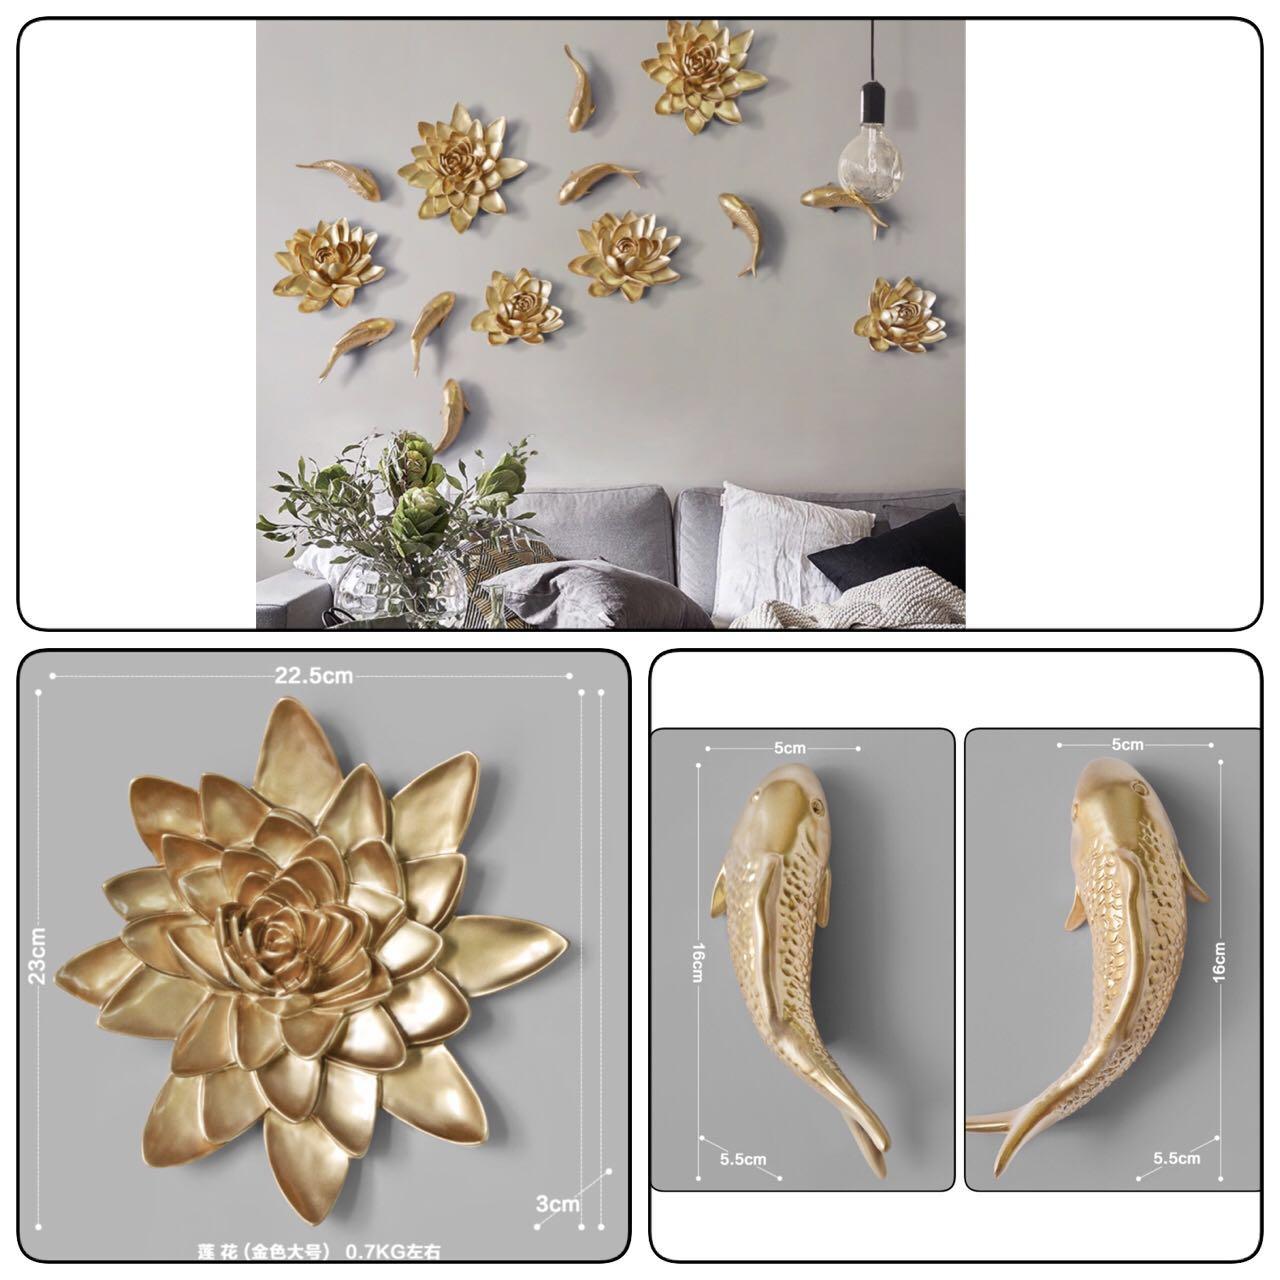 Beautiful 3 Piece Gold Art Sculpture Wall Decor Set Furniture